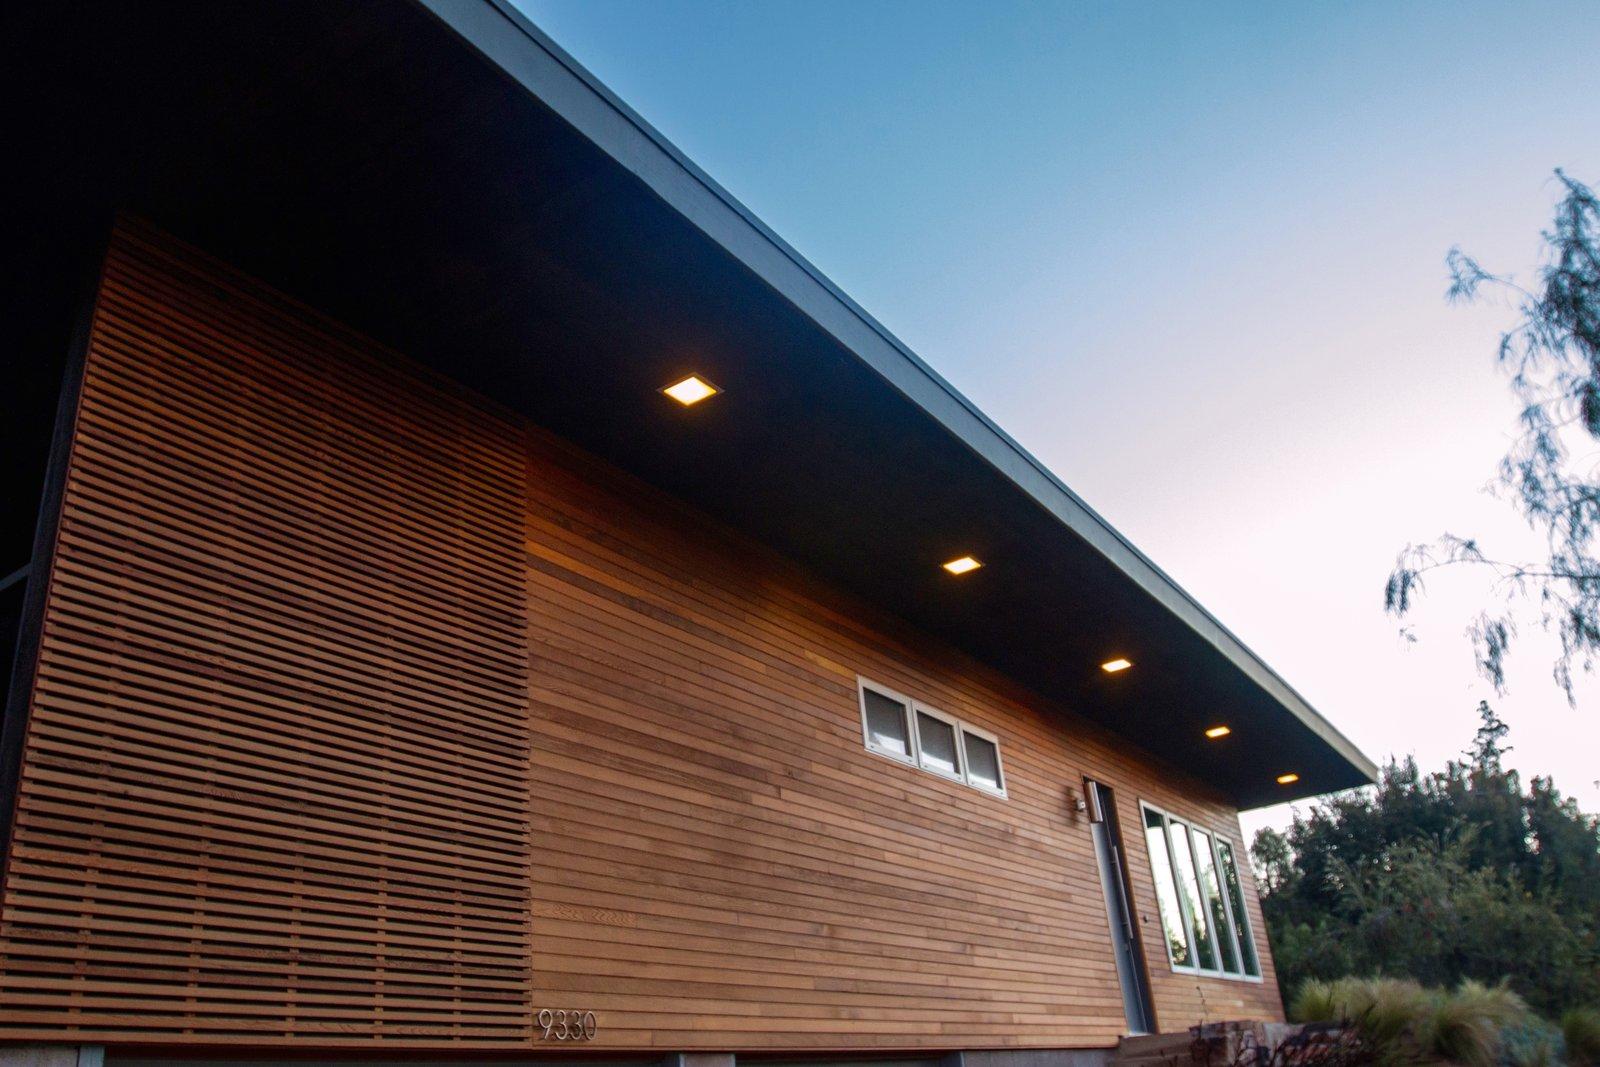 Cedar Siding  Edgewood by Christina Micklish